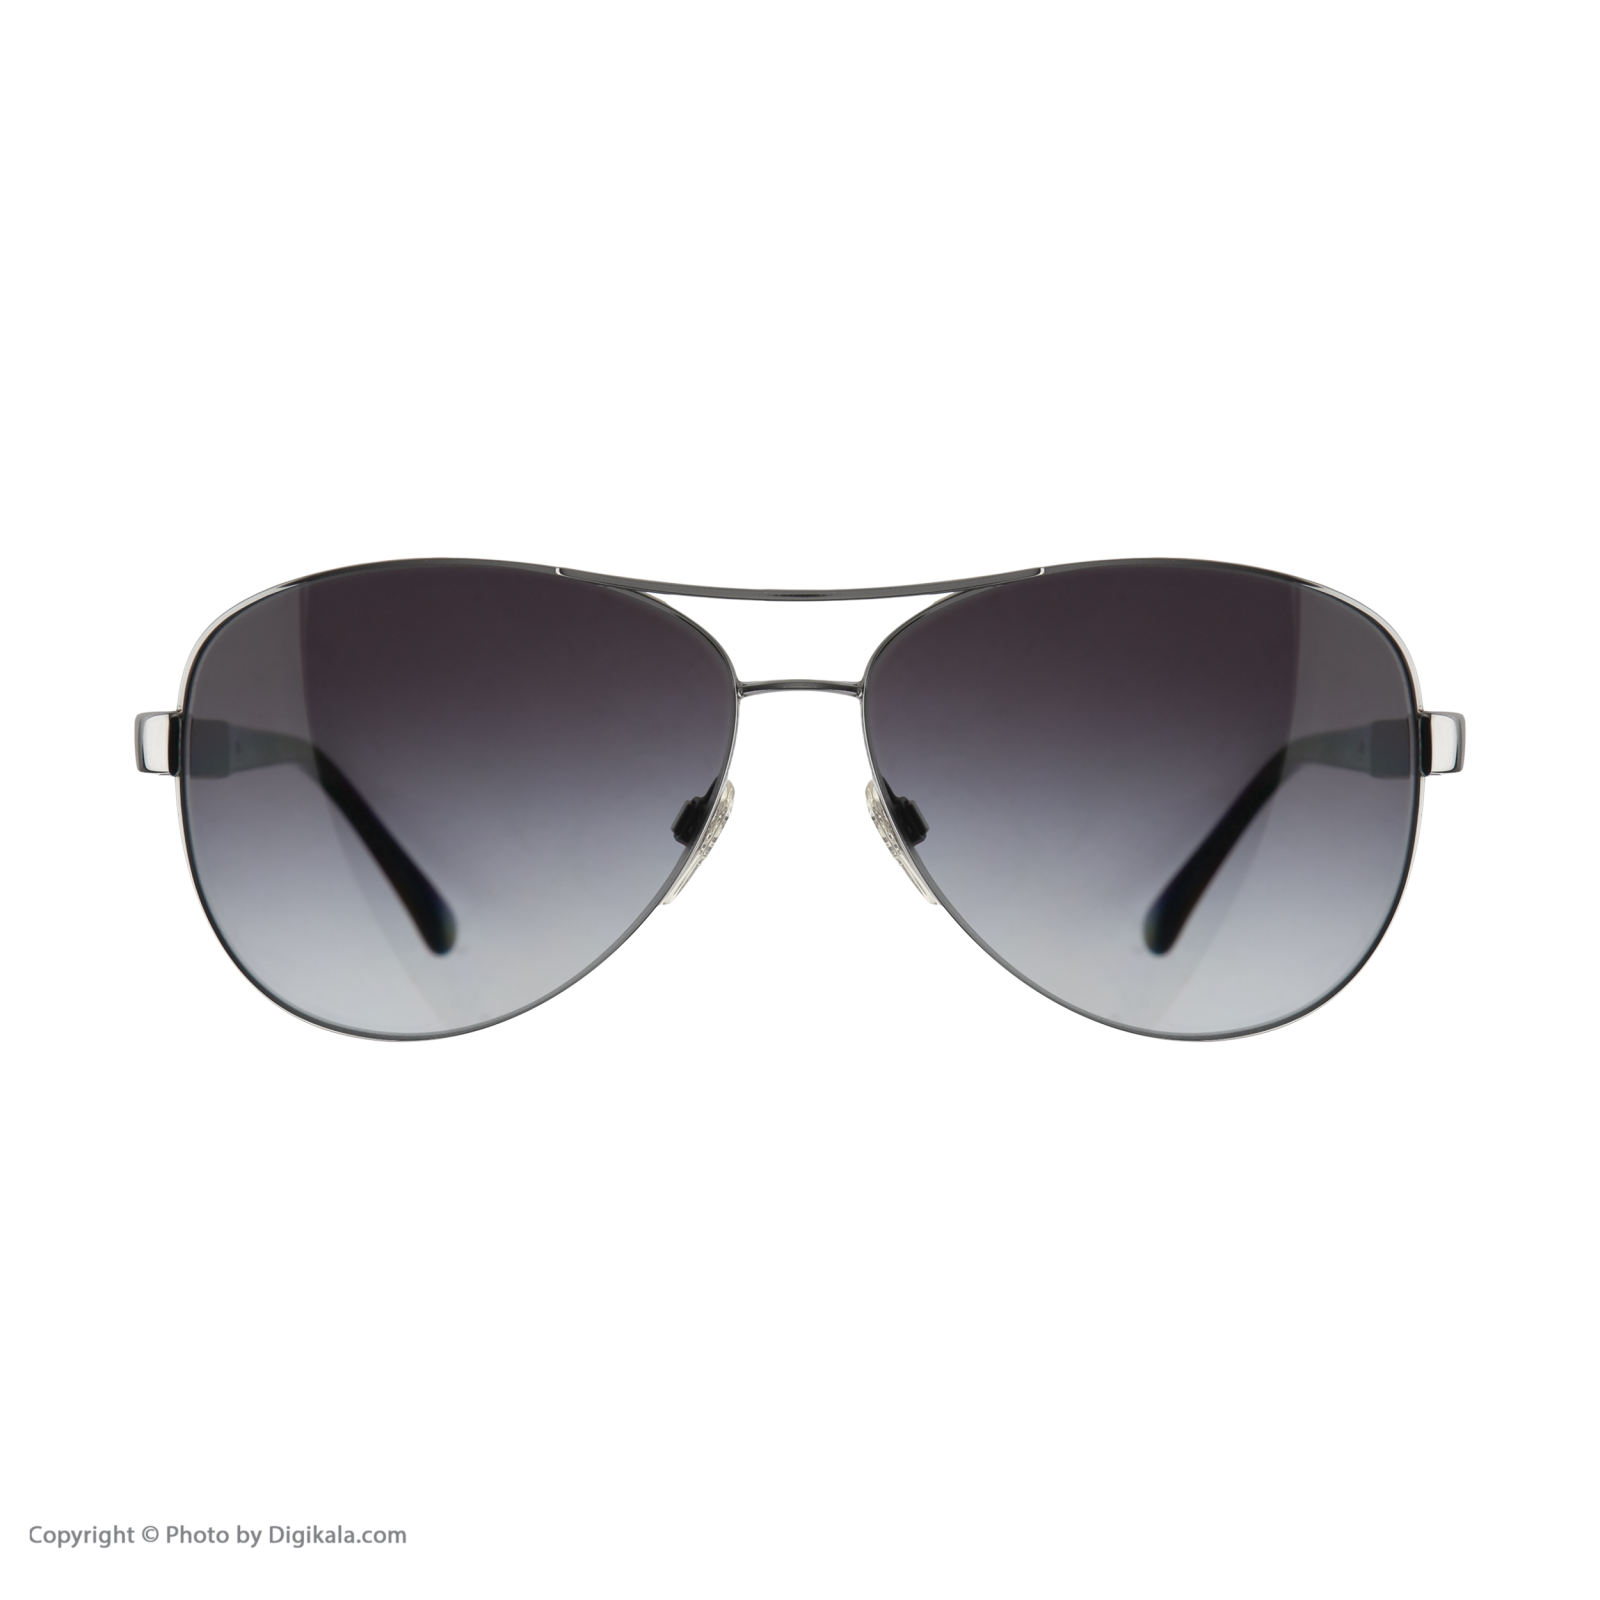 عینک آفتابی مردانه بربری مدل BE 3080S 10038G 59 -  - 3